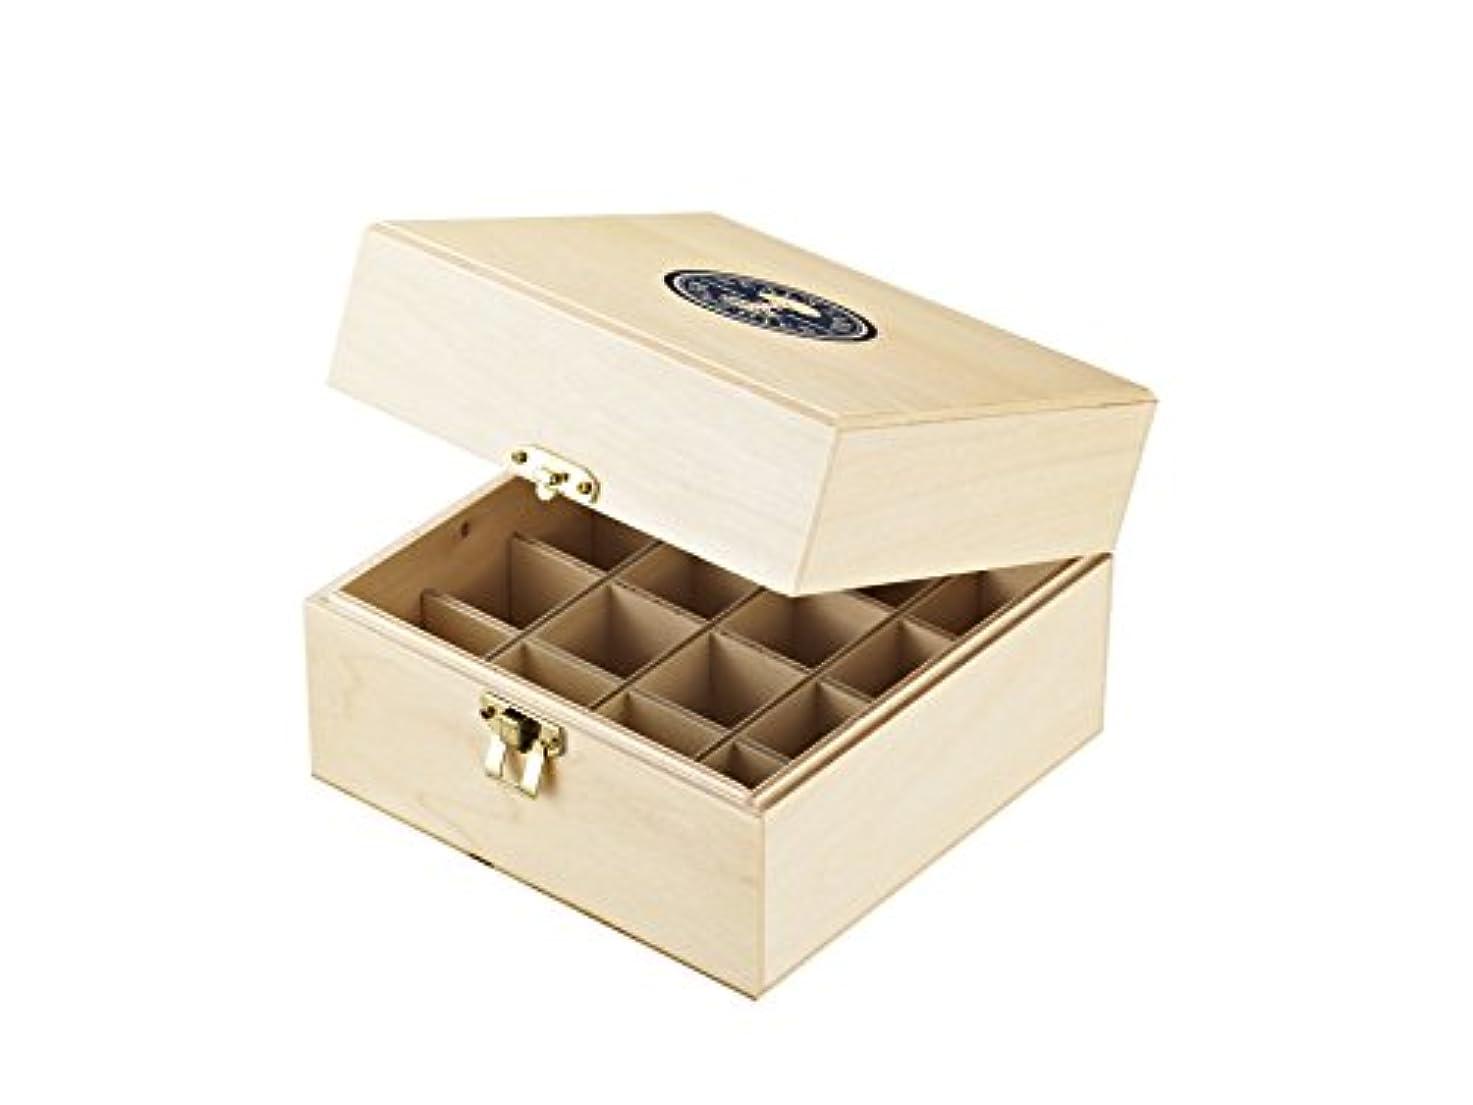 仕立て屋弾性スクランブルニールズヤード レメディーズ エッセンシャルオイル保管木箱(16本収納)